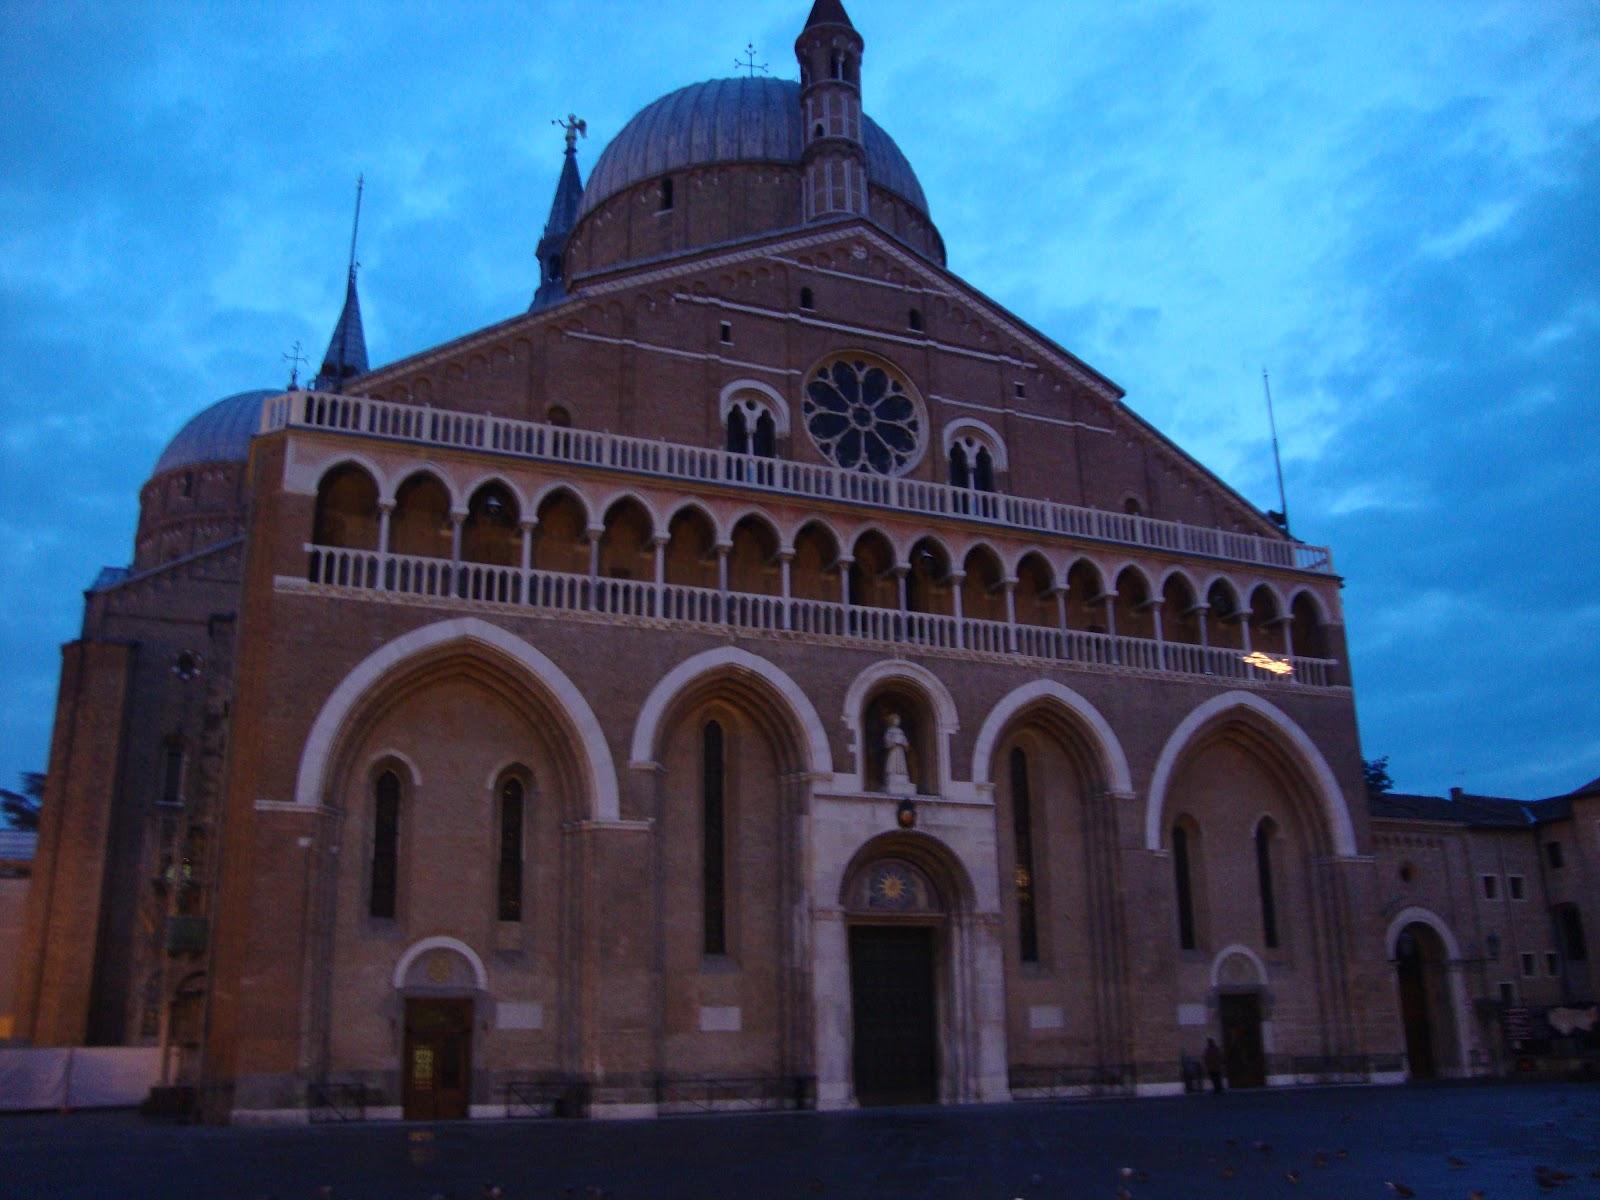 Arquitectura arte sacro y liturgia las iglesias for Arquitectura sacro